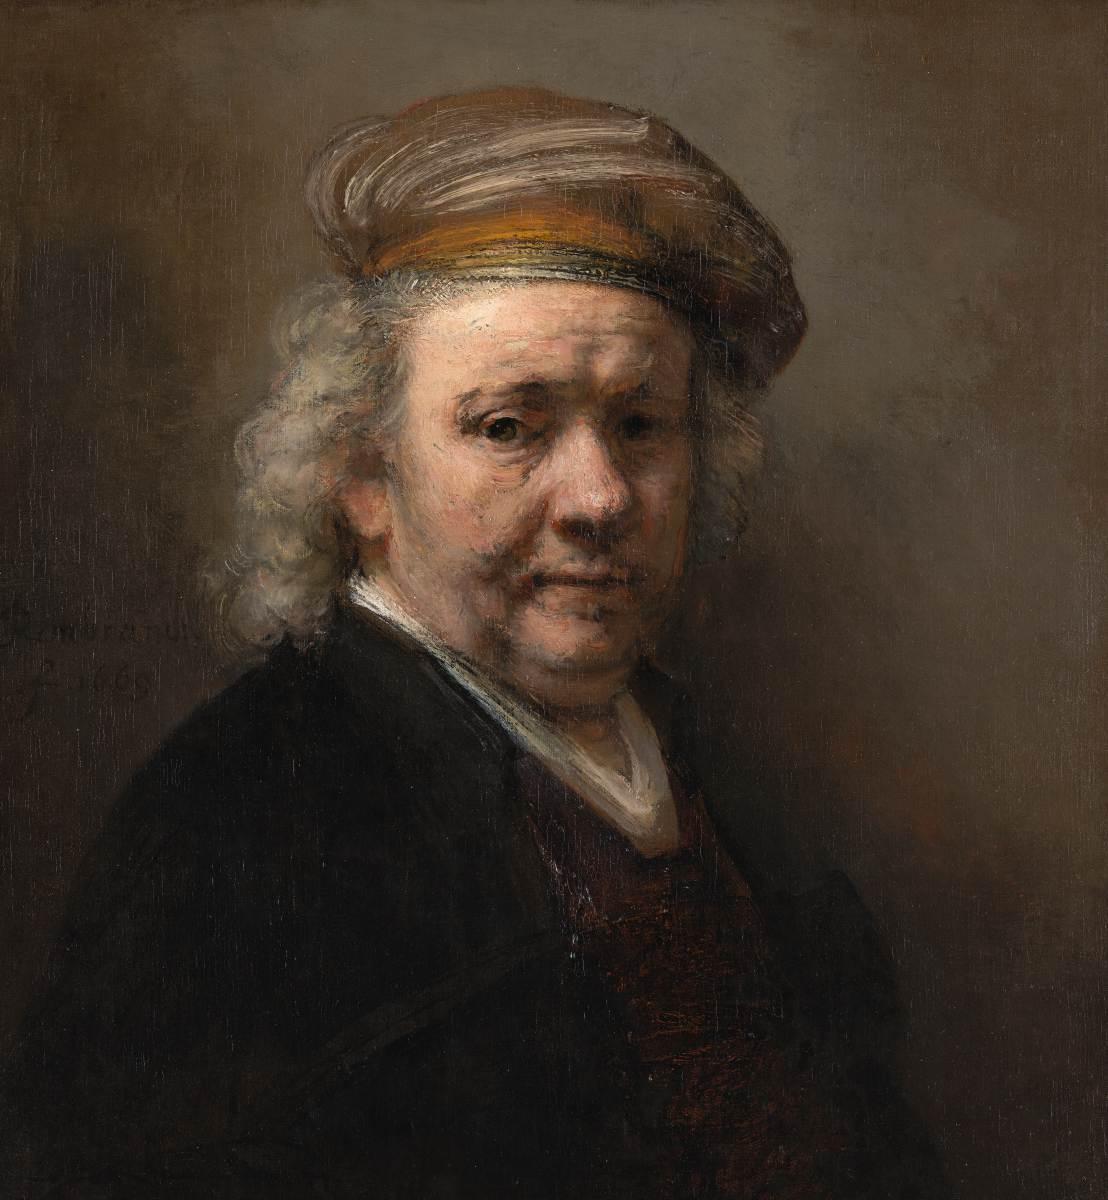 640 - Interview -1669 zelfportret - 0840_repro - Beeld Mauritshuis, Den Haag